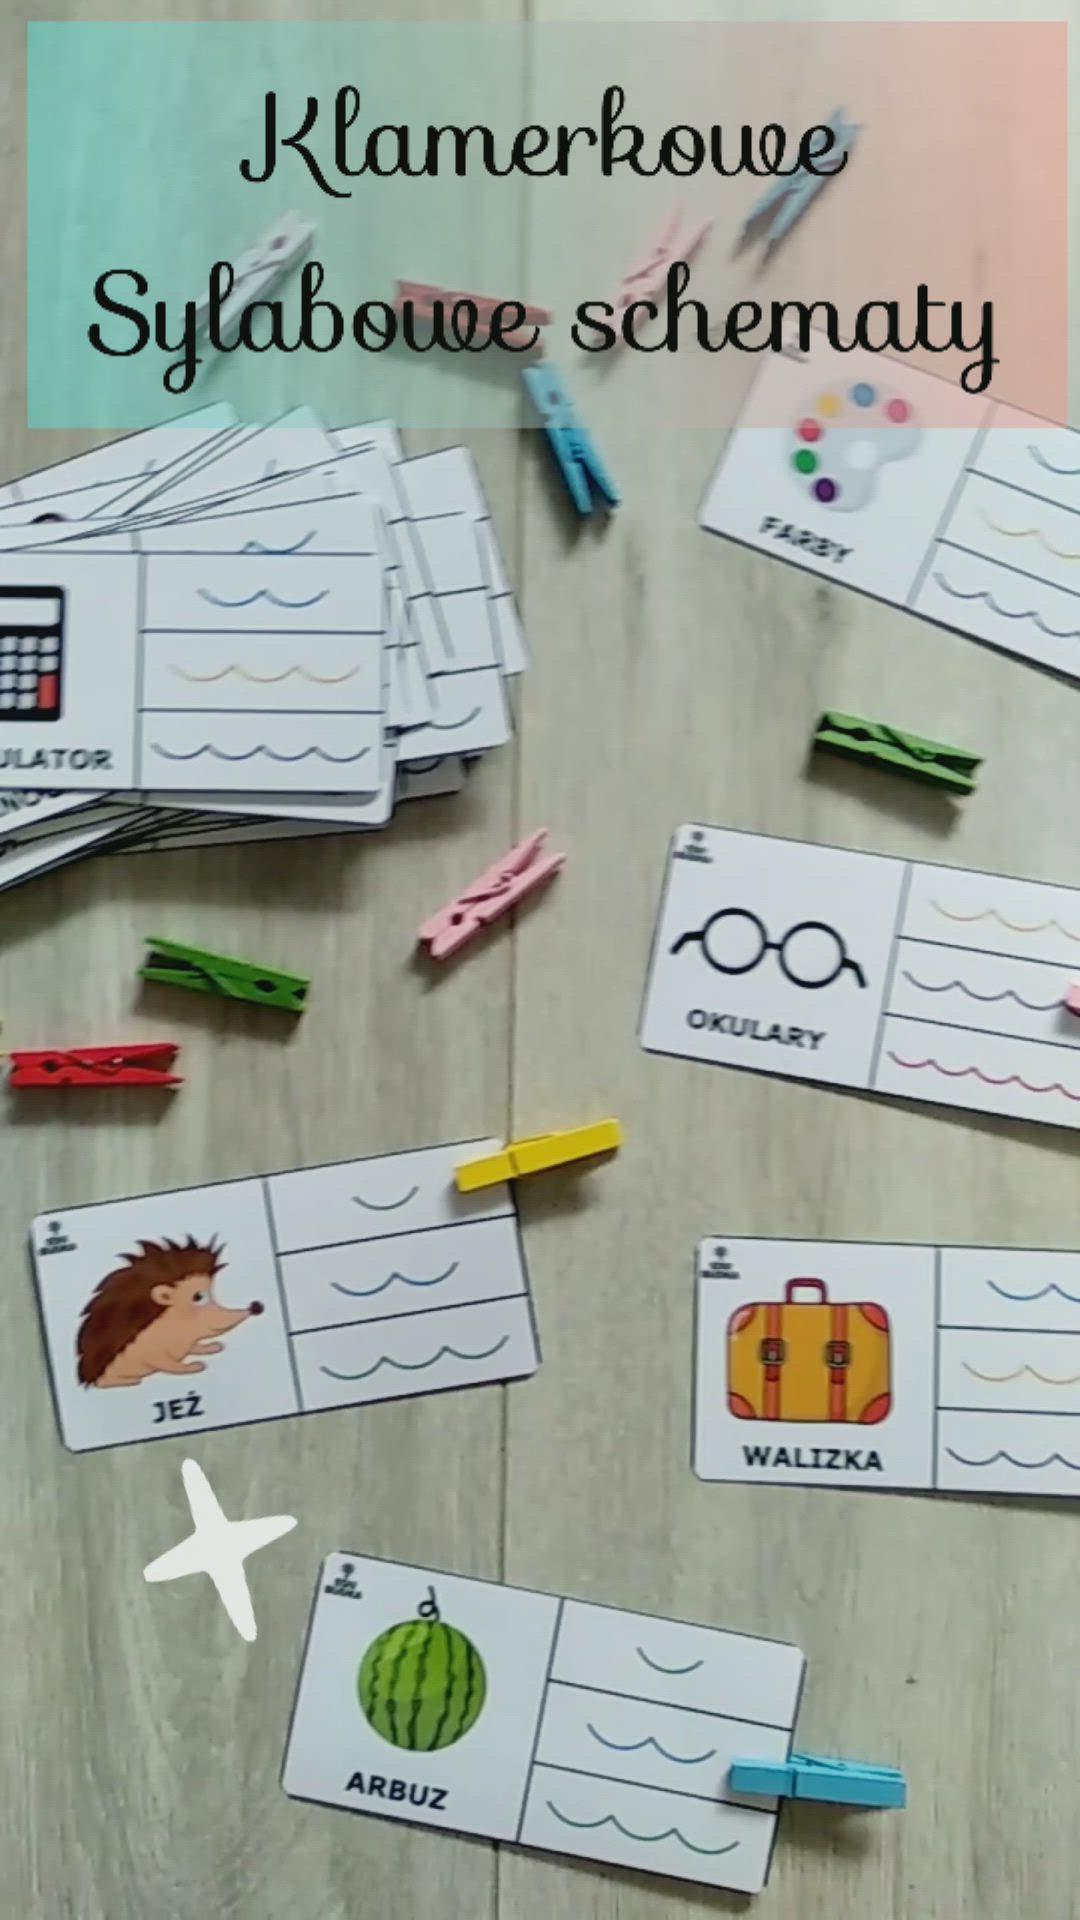 Klamerkowe Sylabowe Schematy 60 Kart 15 Klamerek In 2020 Classroom Activities Activities Classroom